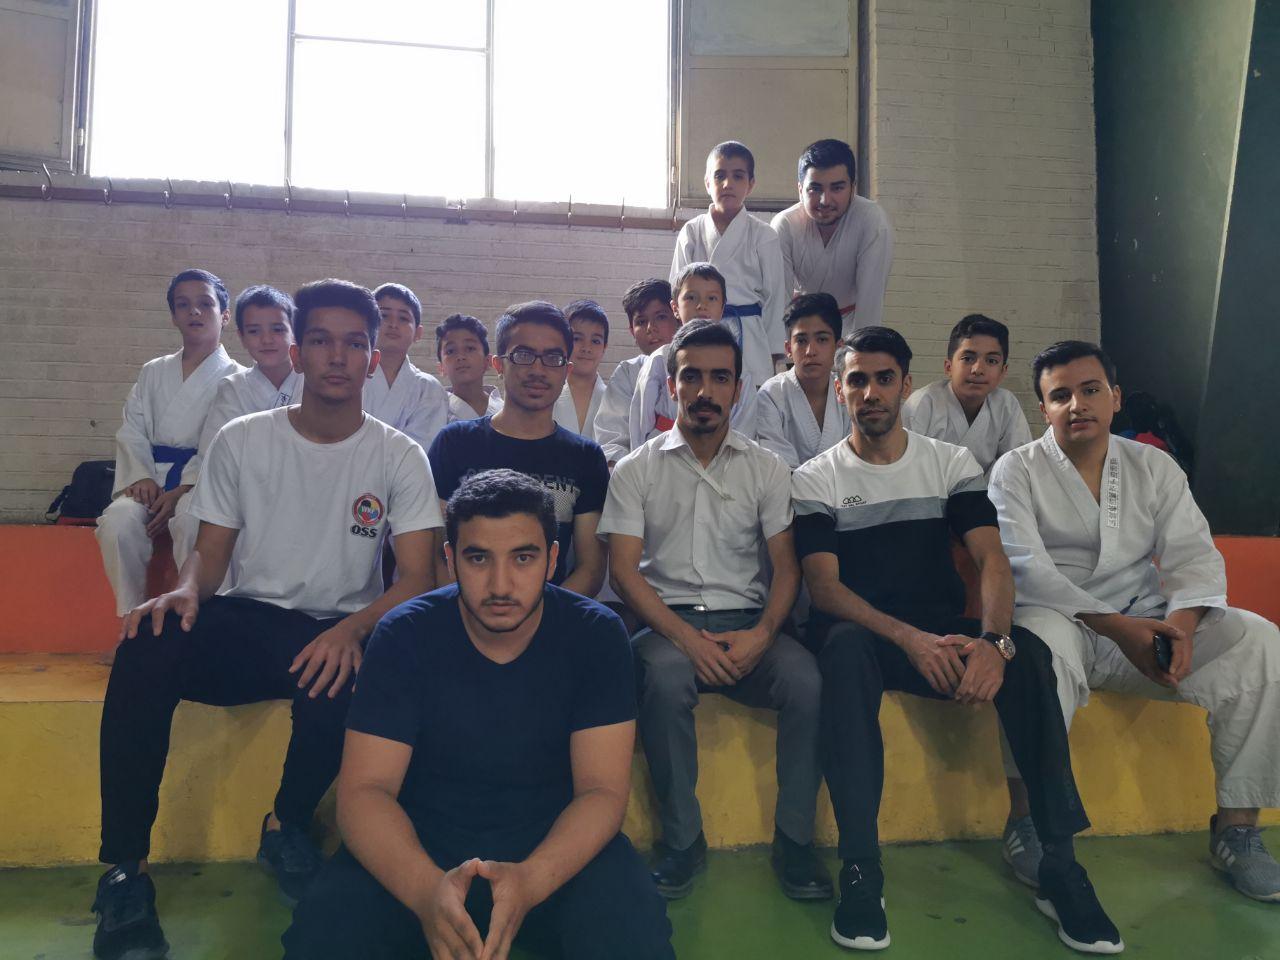 ۱۴ مدال سهم پسران جاویدان در مسابقات کشوری-مشهد